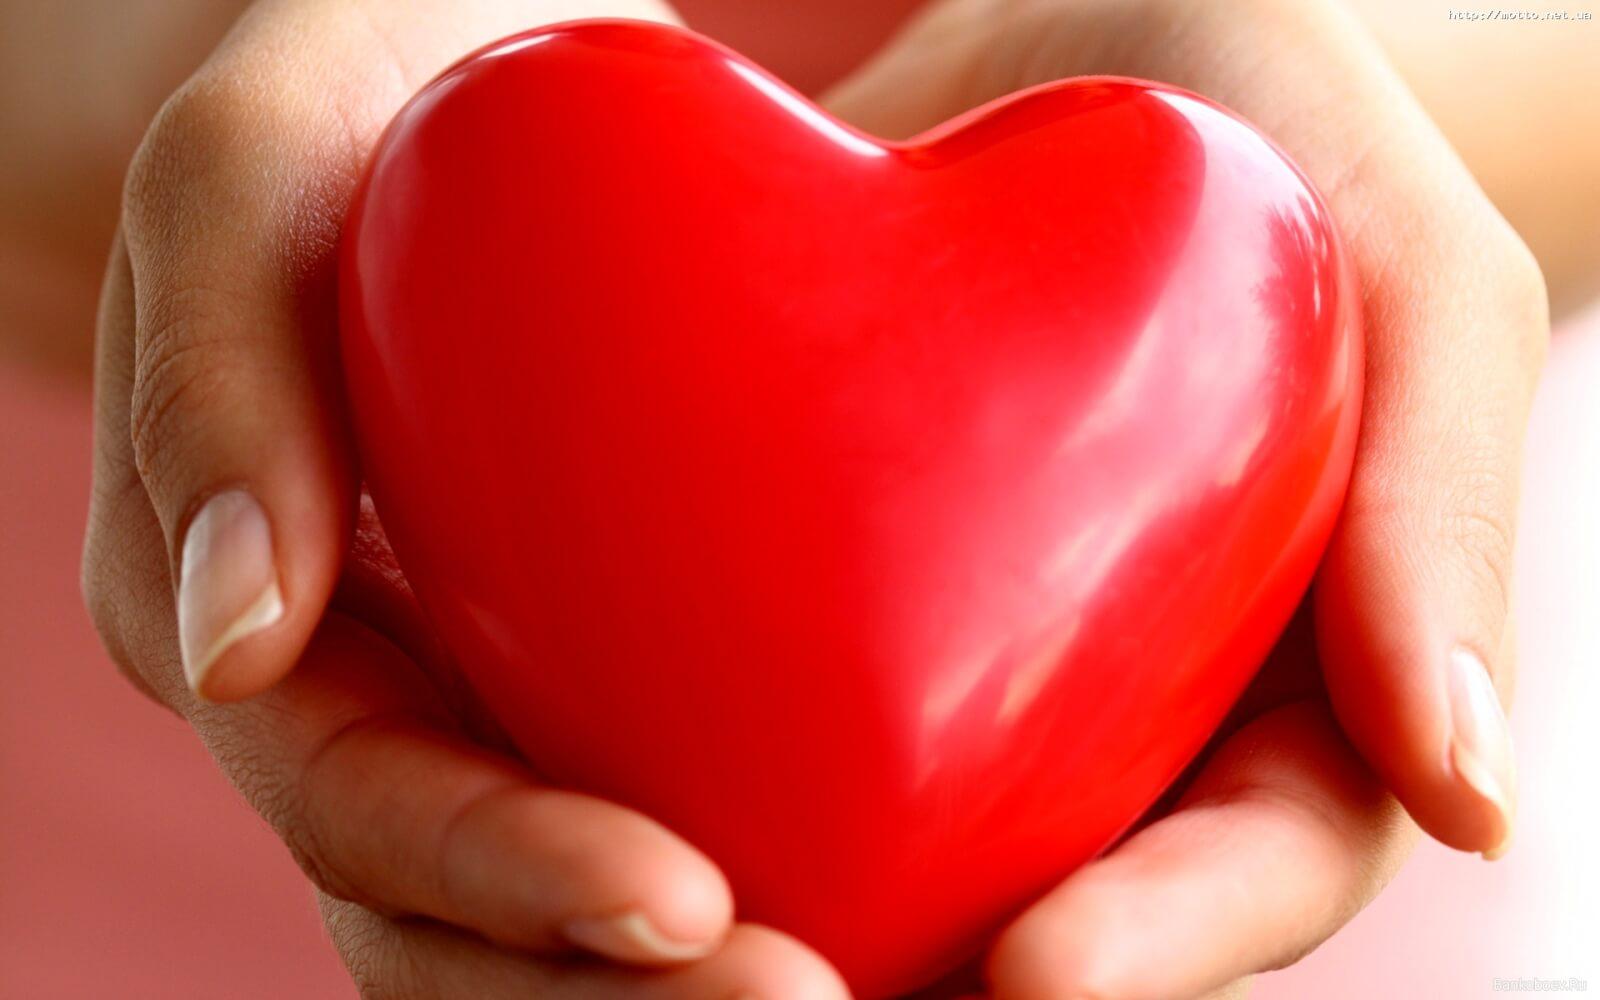 Профилактика сердечно-сосудистых заболеваний: питание и здоровый образ жизни